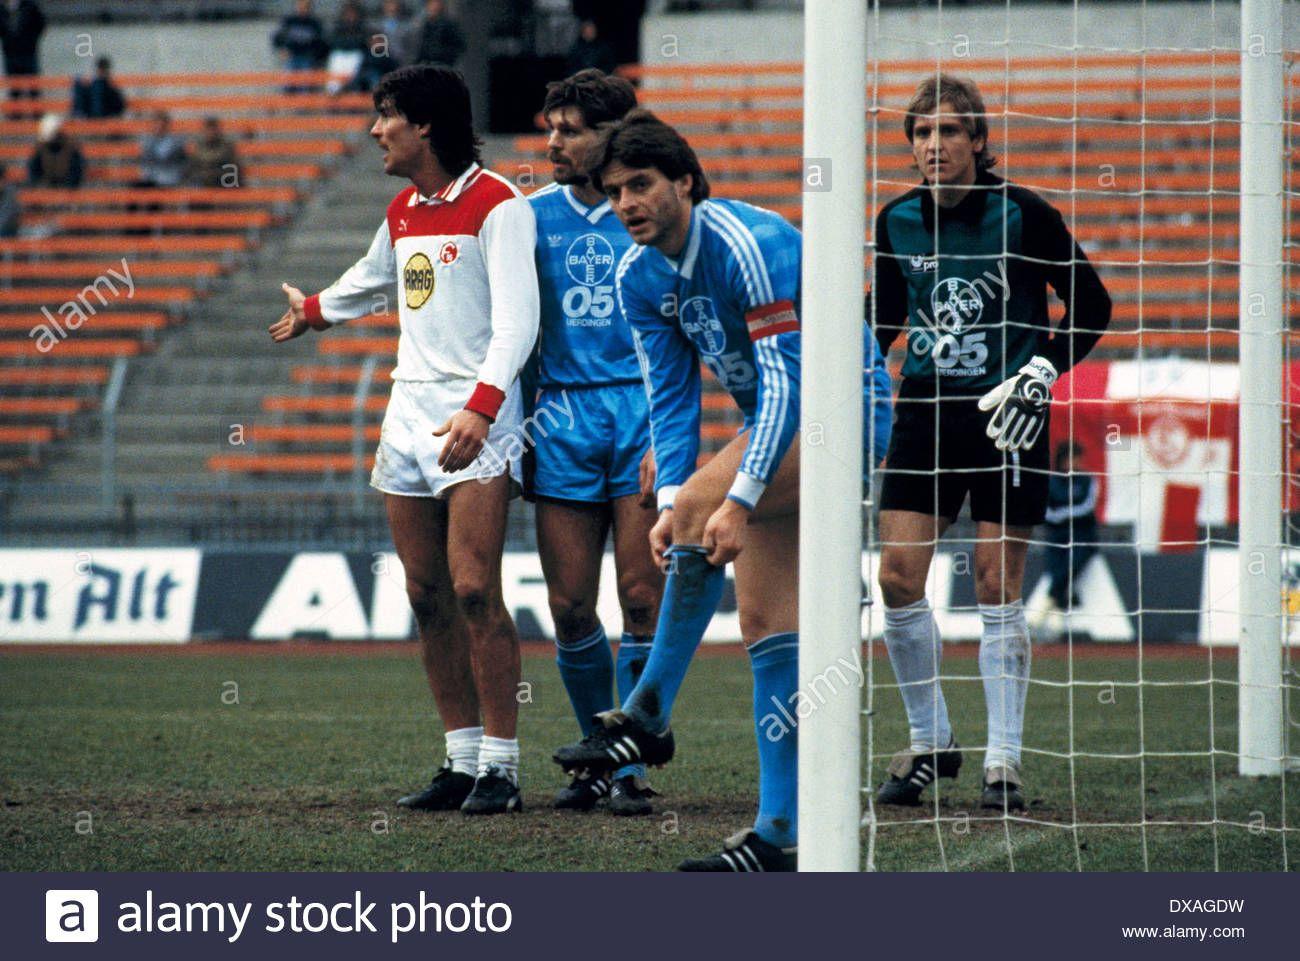 Download this stock image: football, Bundesliga, 1984/1985